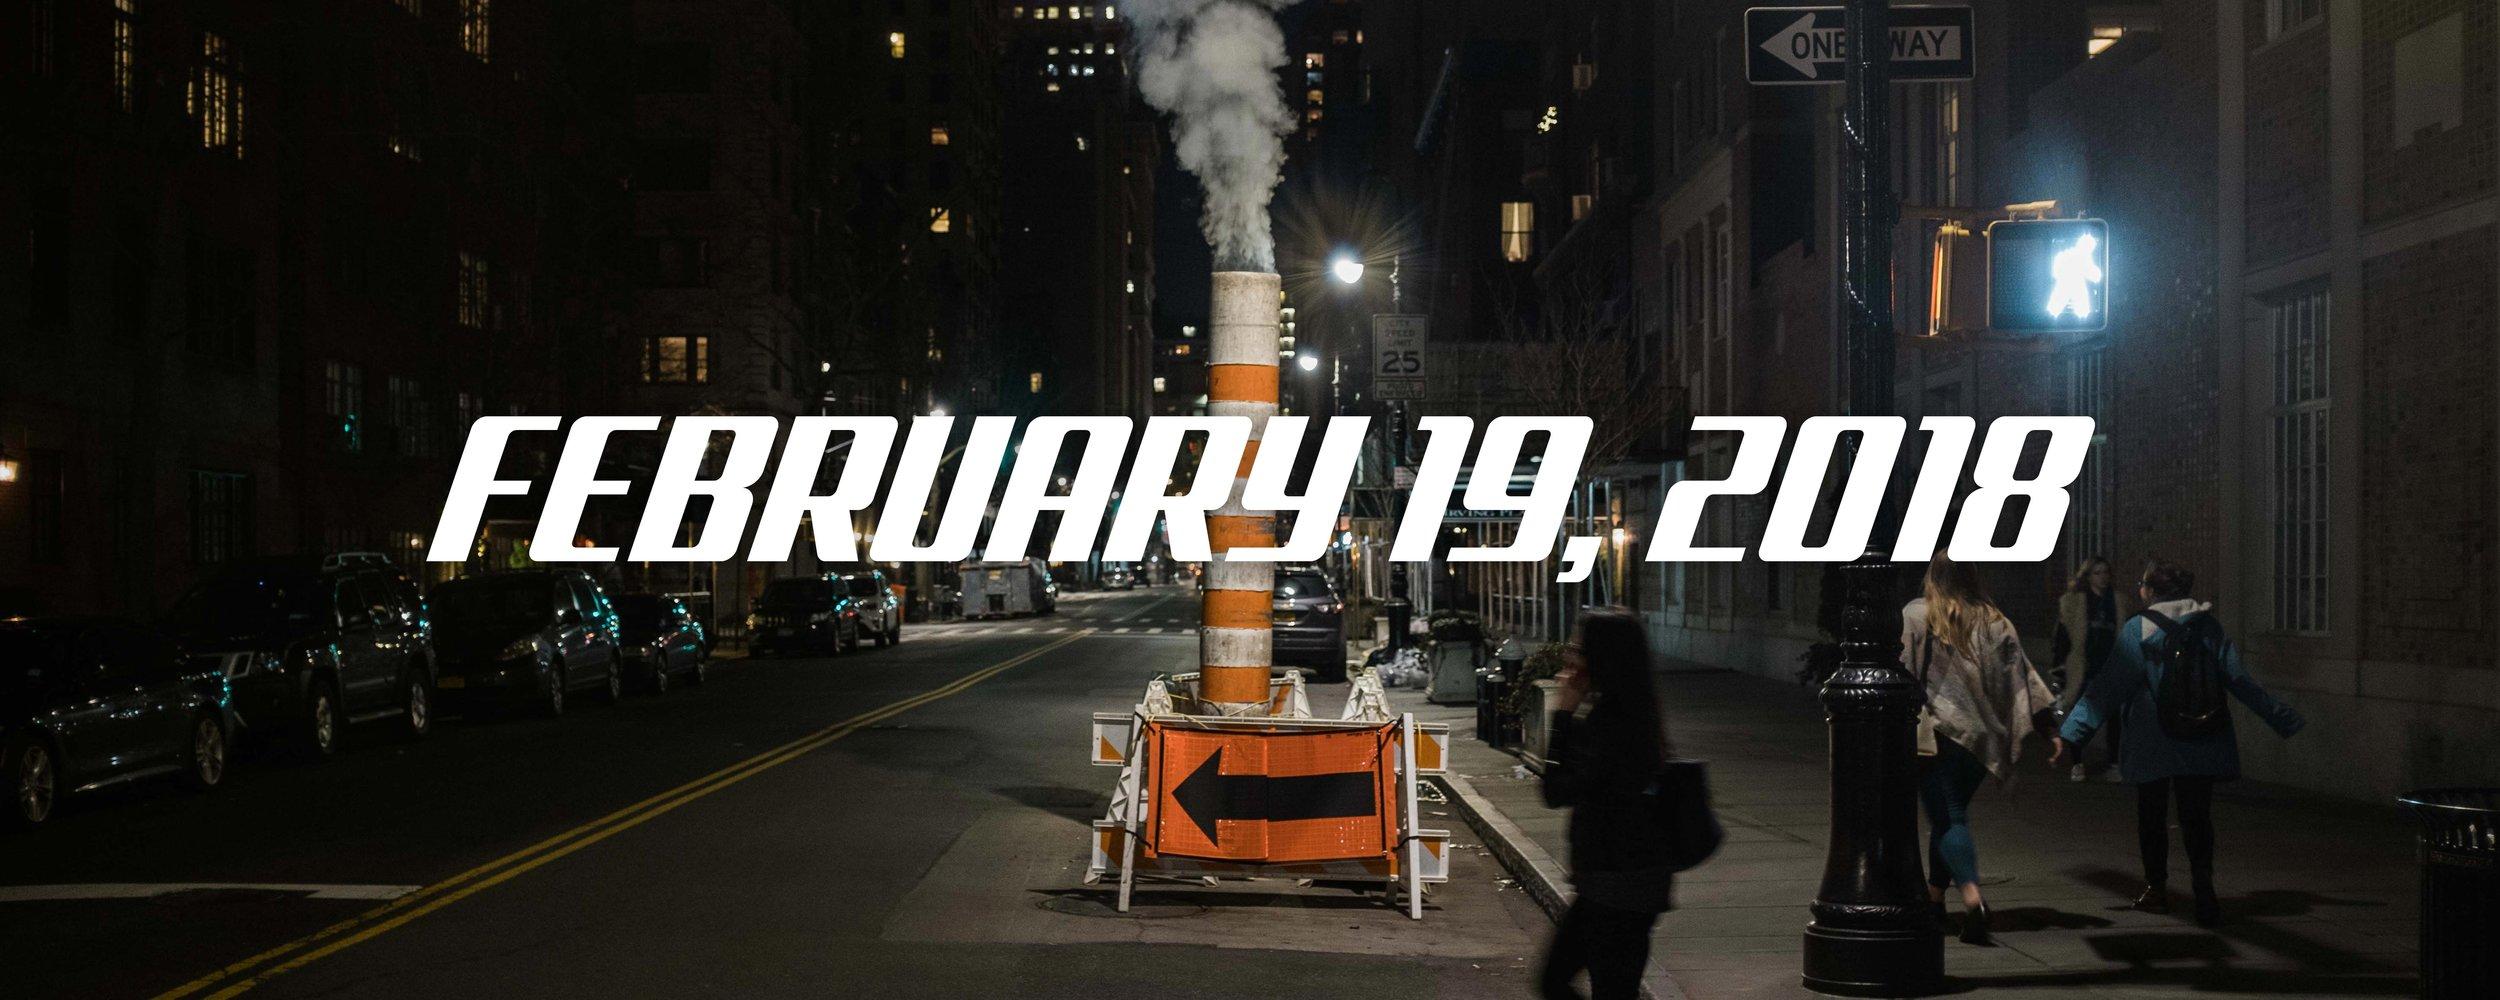 WEEKLY-COVER-02-19-18.jpg